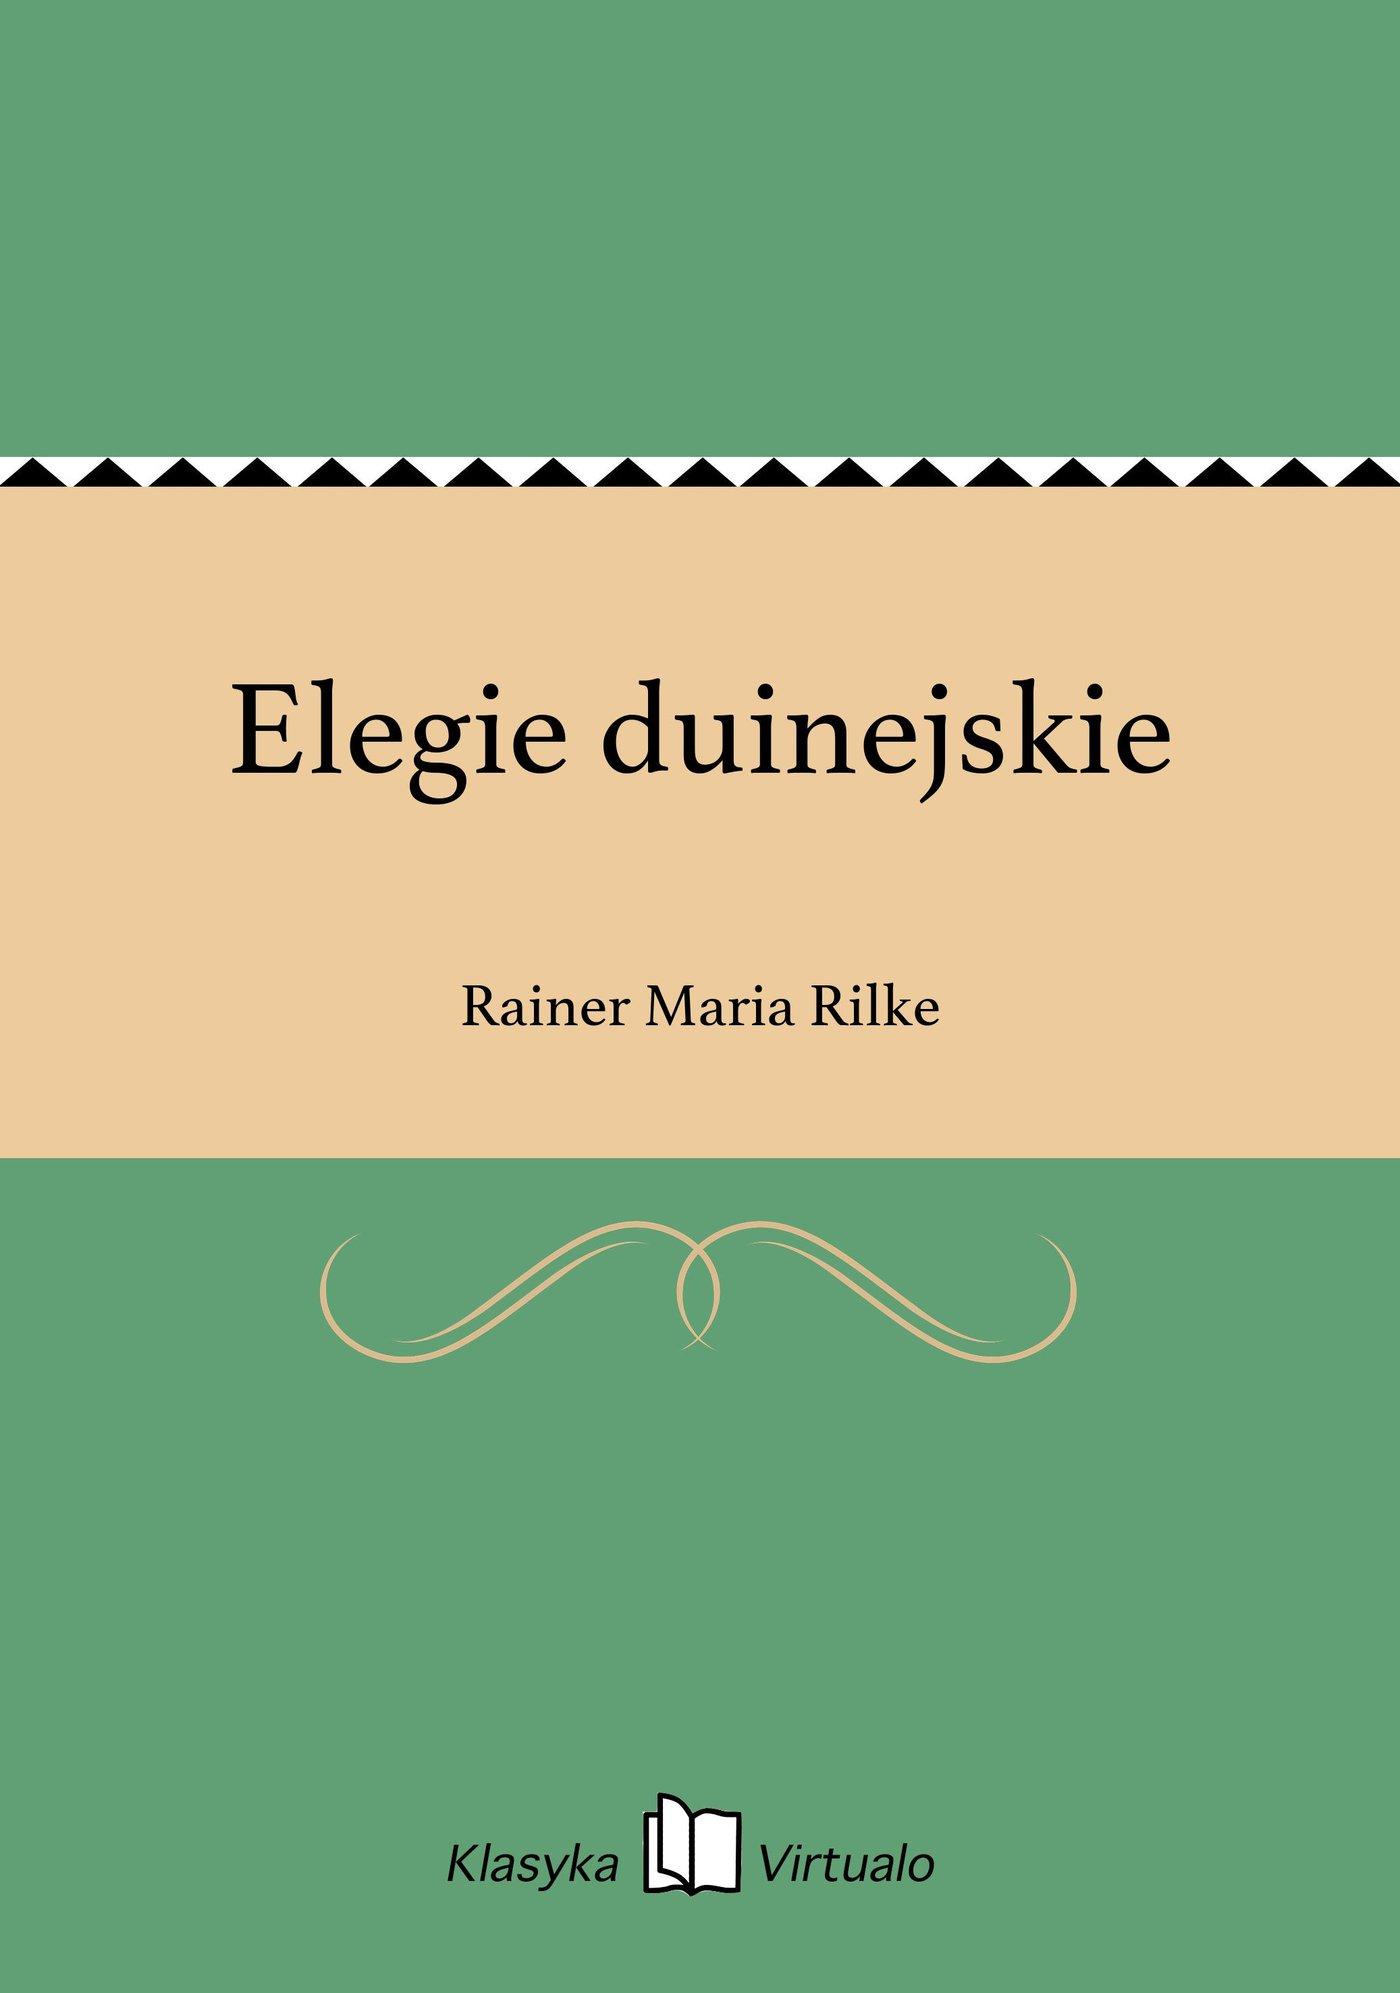 Elegie duinejskie - Ebook (Książka EPUB) do pobrania w formacie EPUB